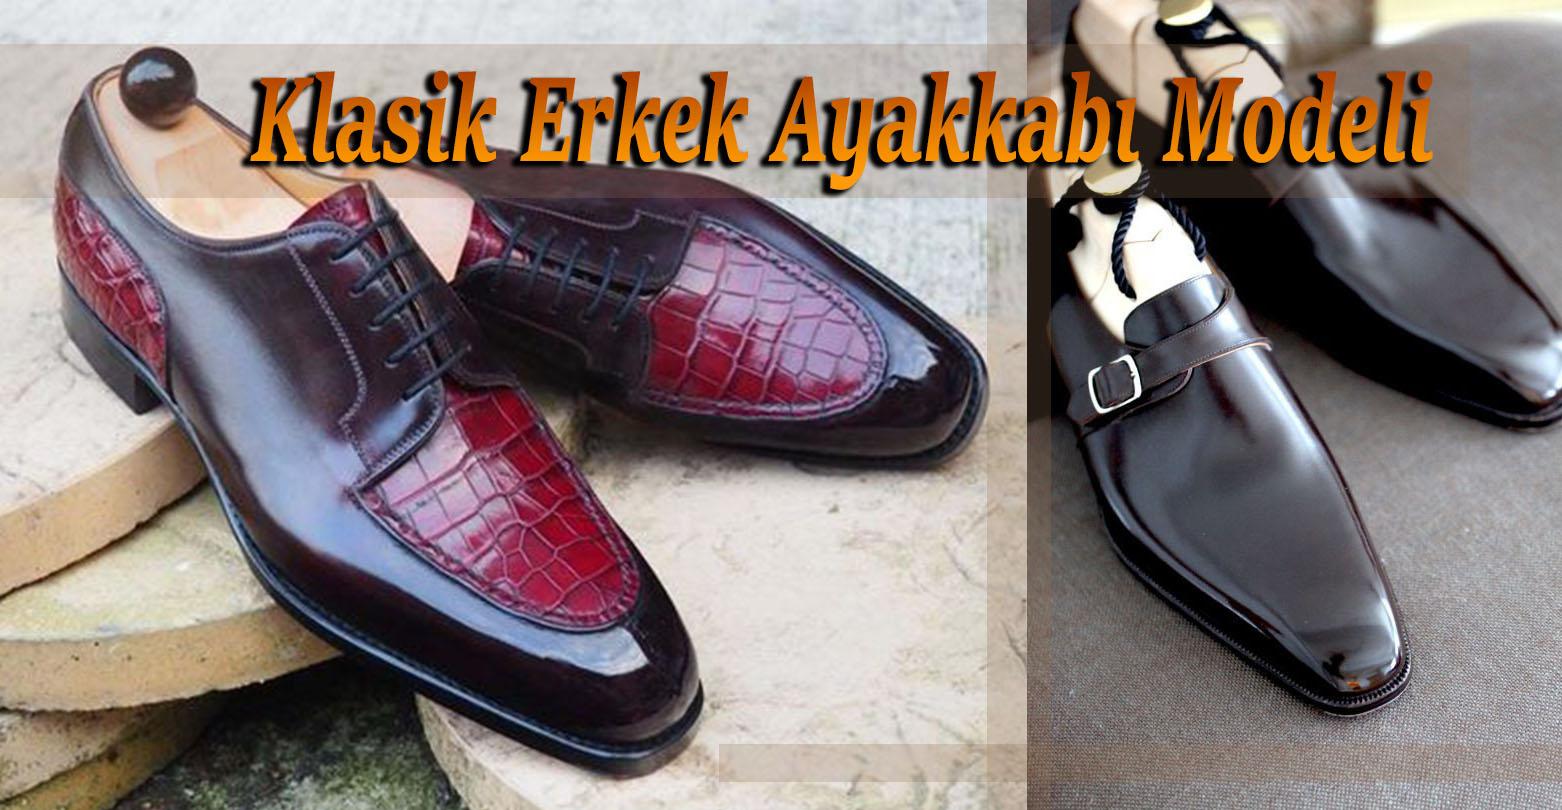 Klasik Erkek Ayakkabı Modeli